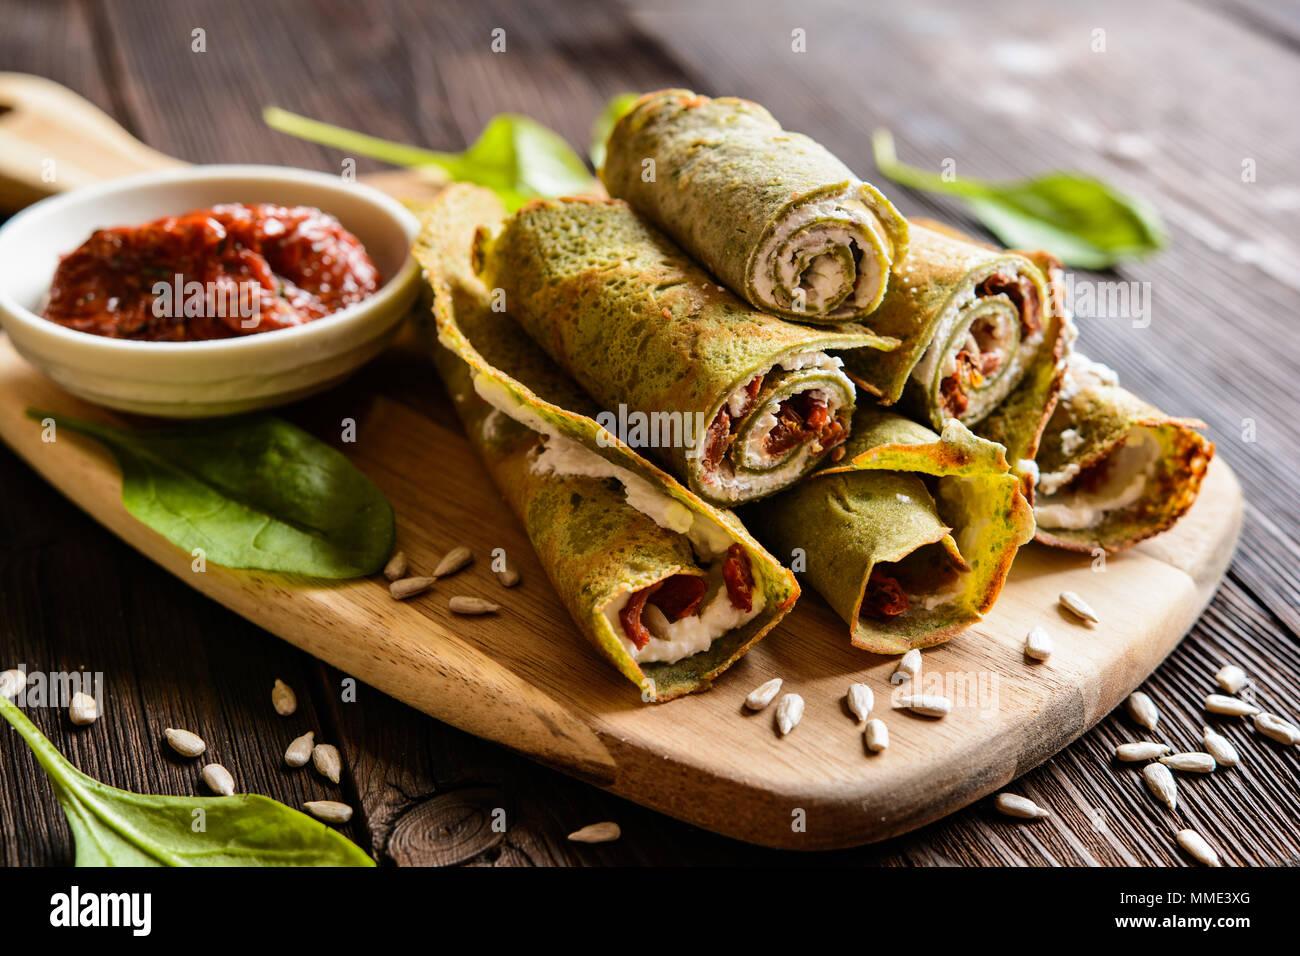 Gli spinaci salate frittelle ripiene di formaggio Feta, latticini, sun pomodoro secco e semi di girasole Immagini Stock